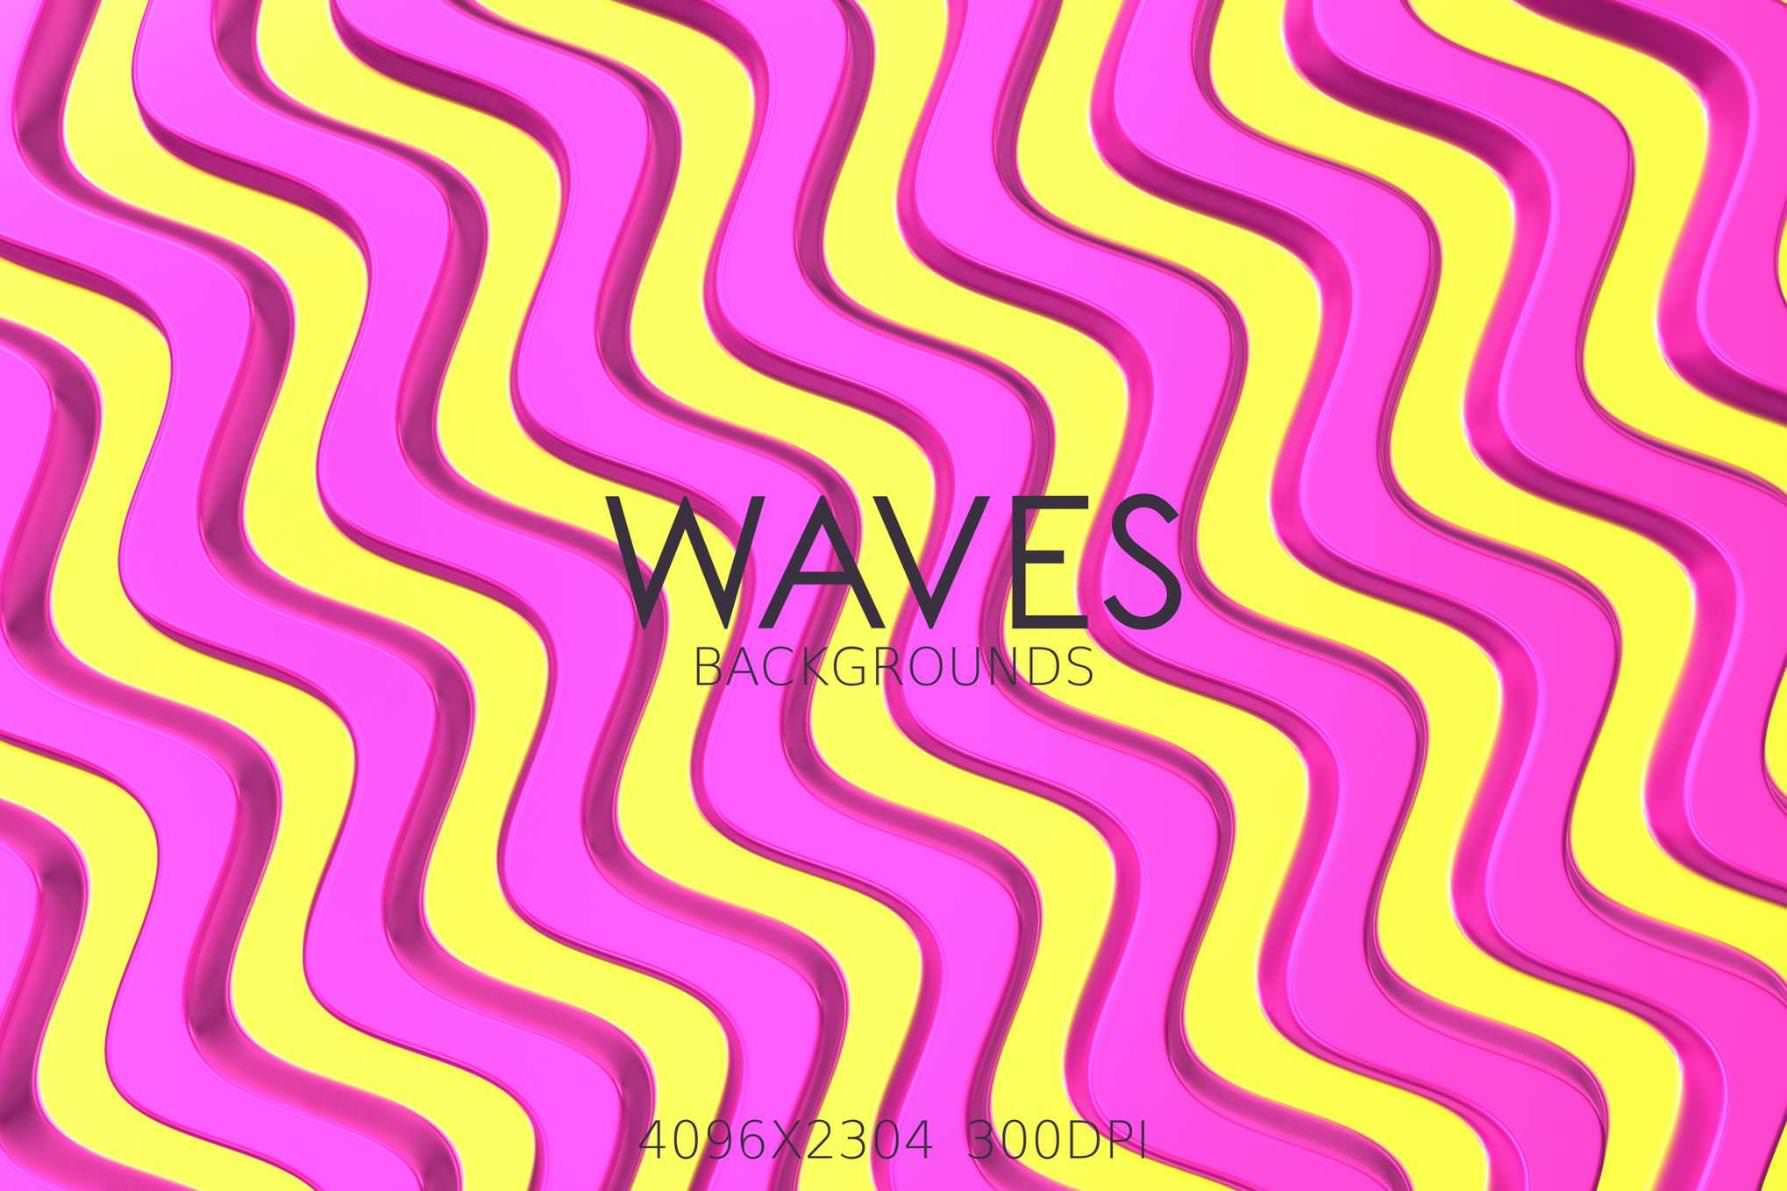 9种彩色波浪条纹效果纹理背景